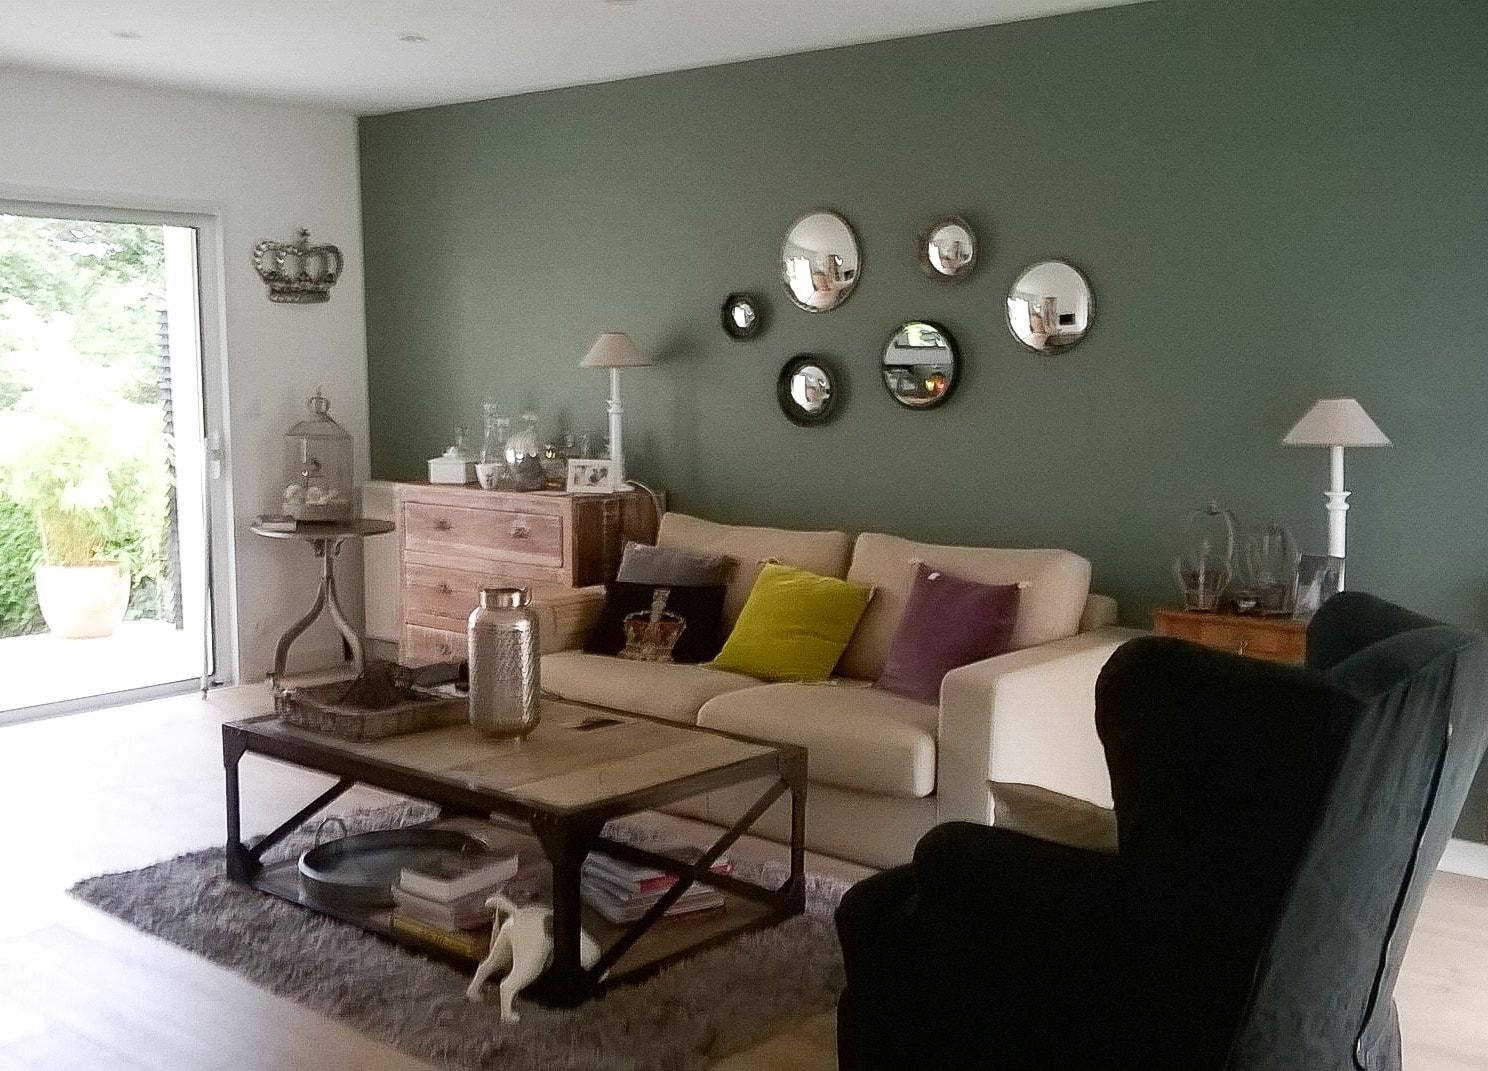 Visite conseil en décoration par Anne Solenn Chérat, Décoratrice UFDI sur Lorient, Vannes, Pontivy : coaching couleur pour une pièce de vie sur Hennebont